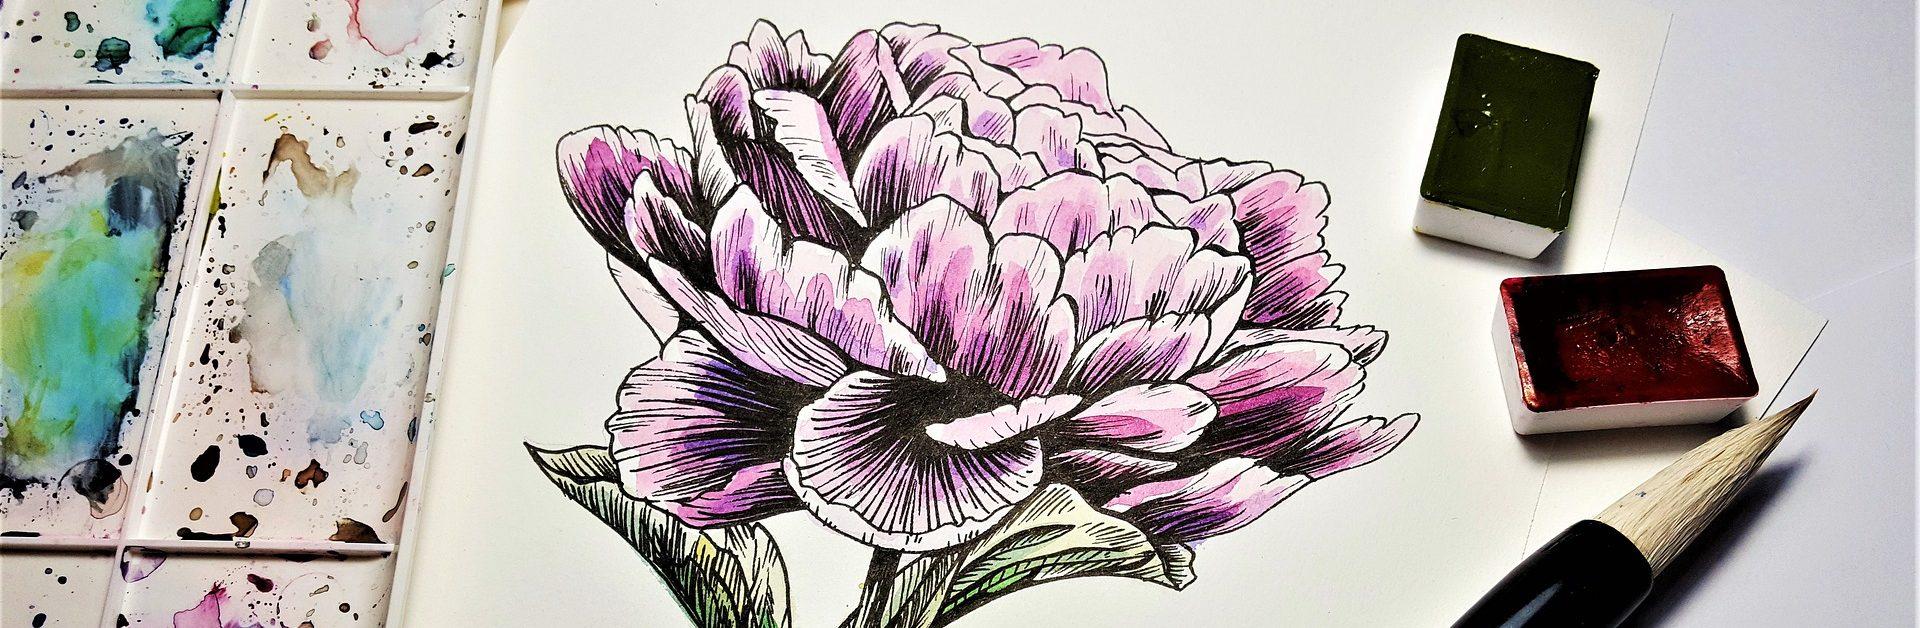 Acquerello con fiori